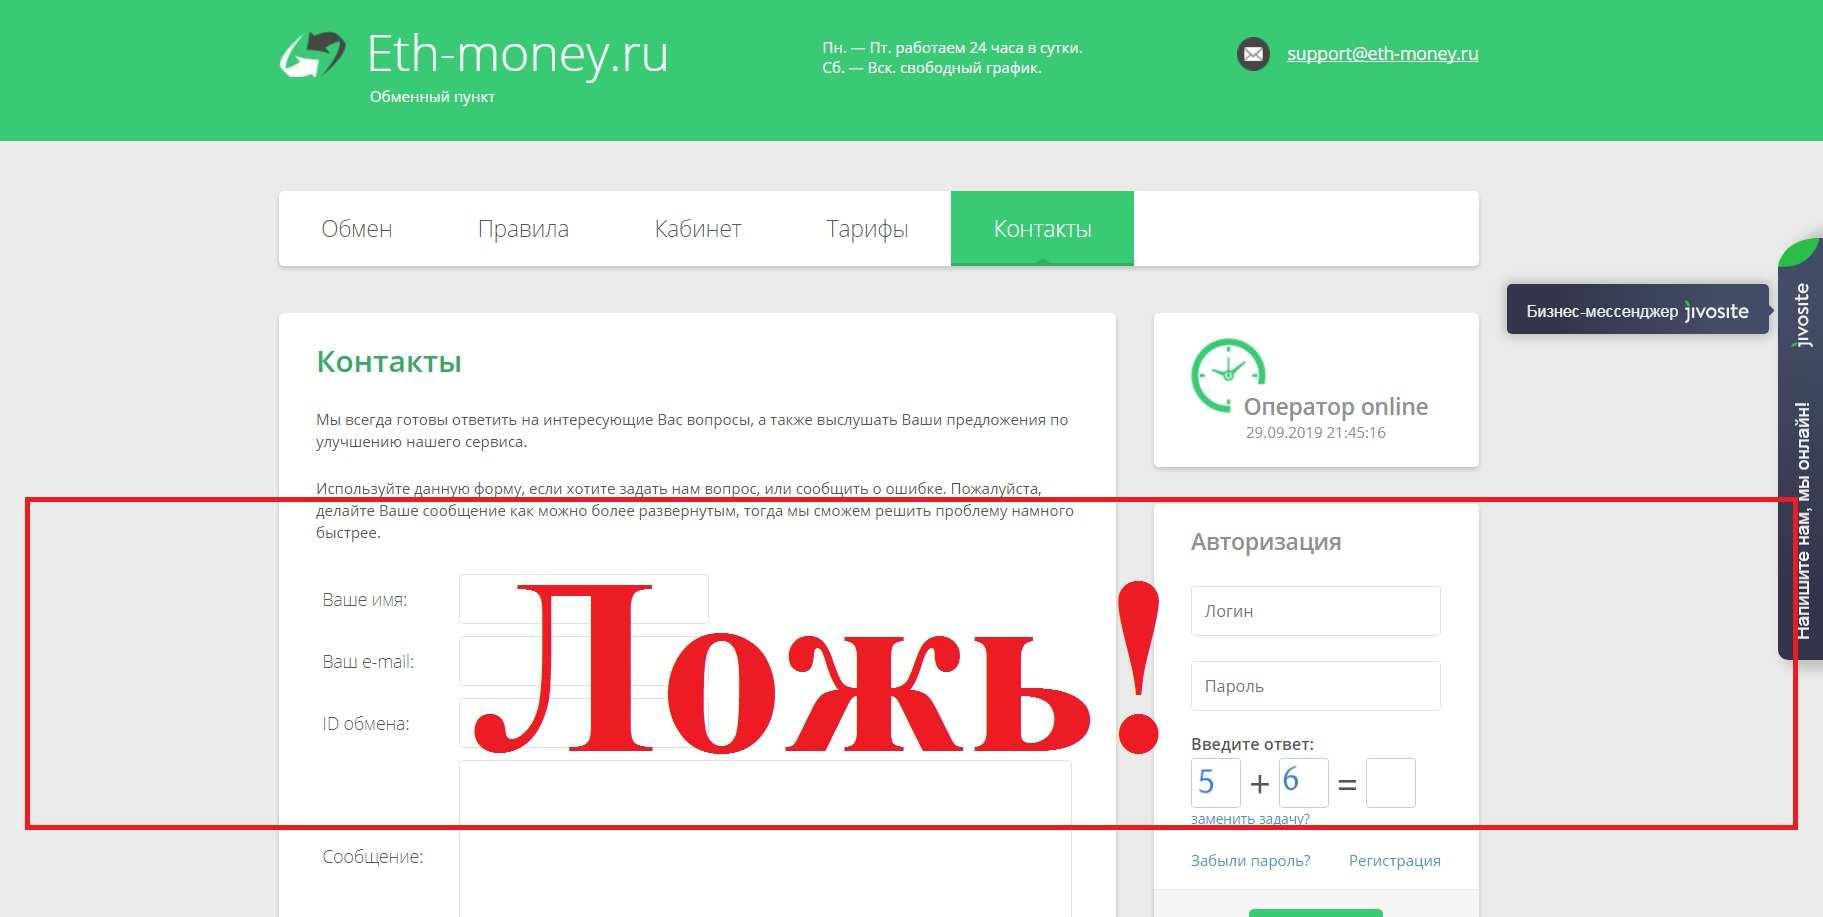 Eth-money.ru – отзывы и обзор обменника